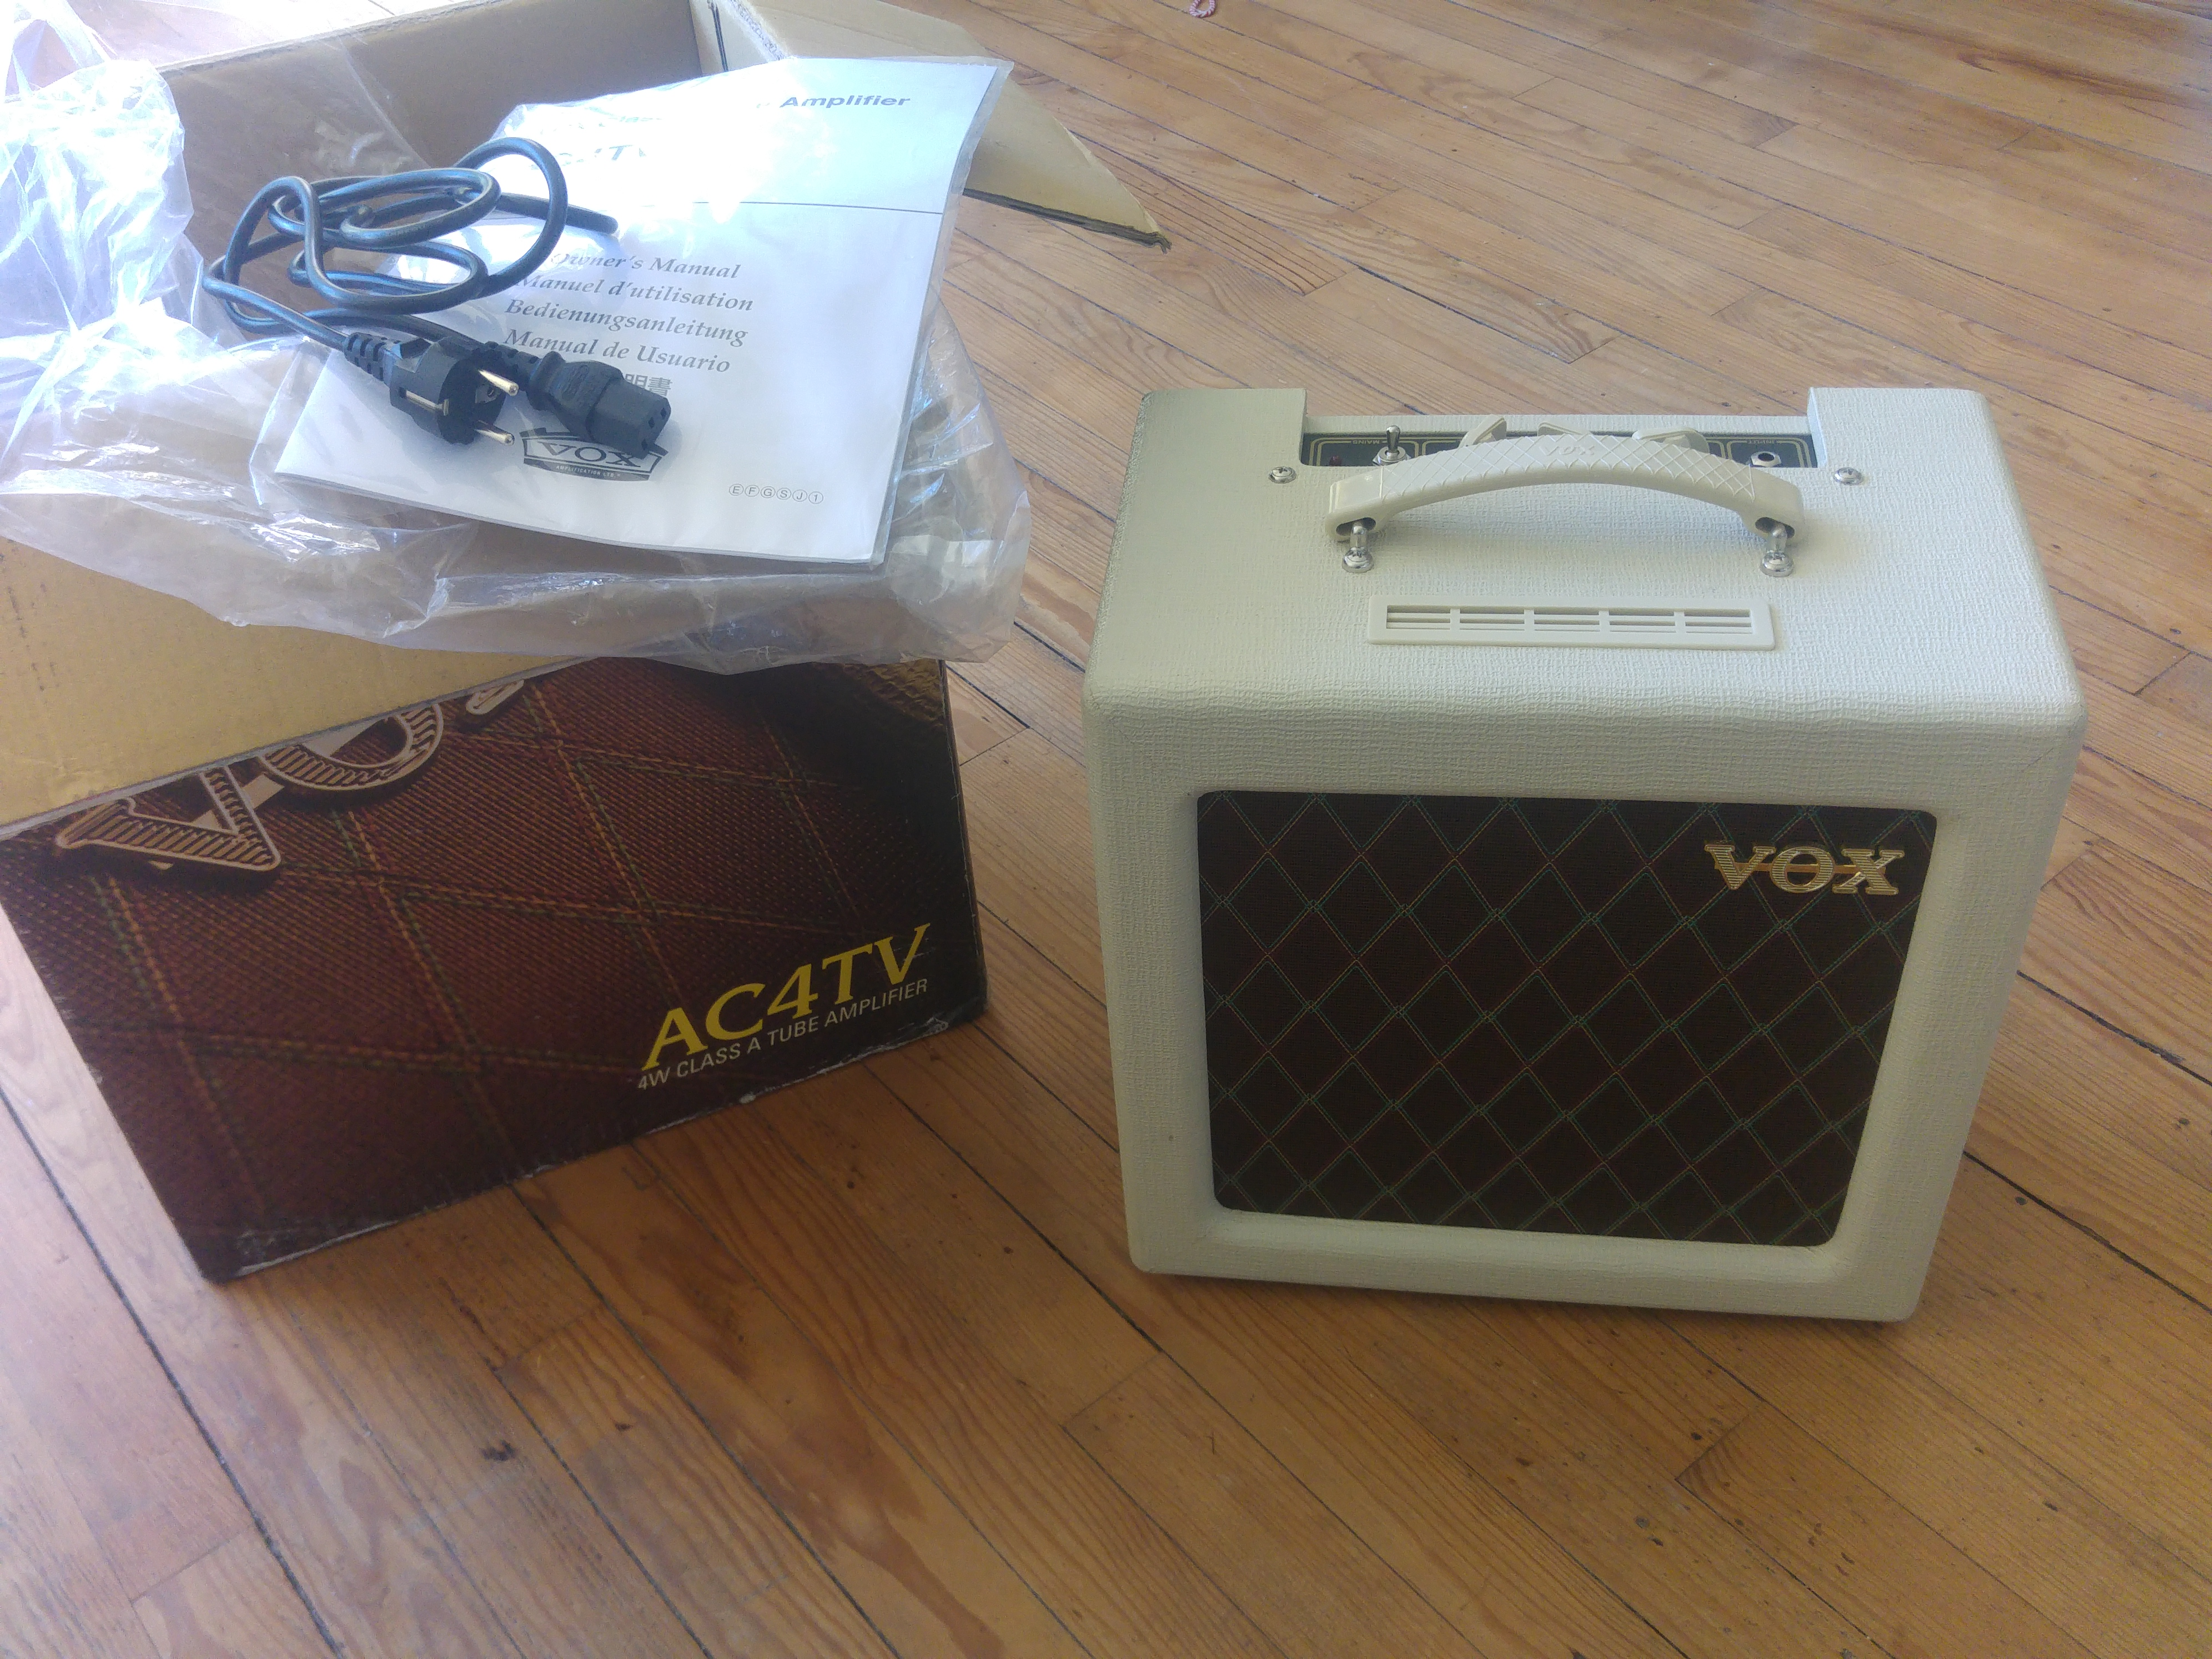 vox ac4tv image 2033401 audiofanzine rh en audiofanzine com vox ac4tv service manual Vox AC4TV Size